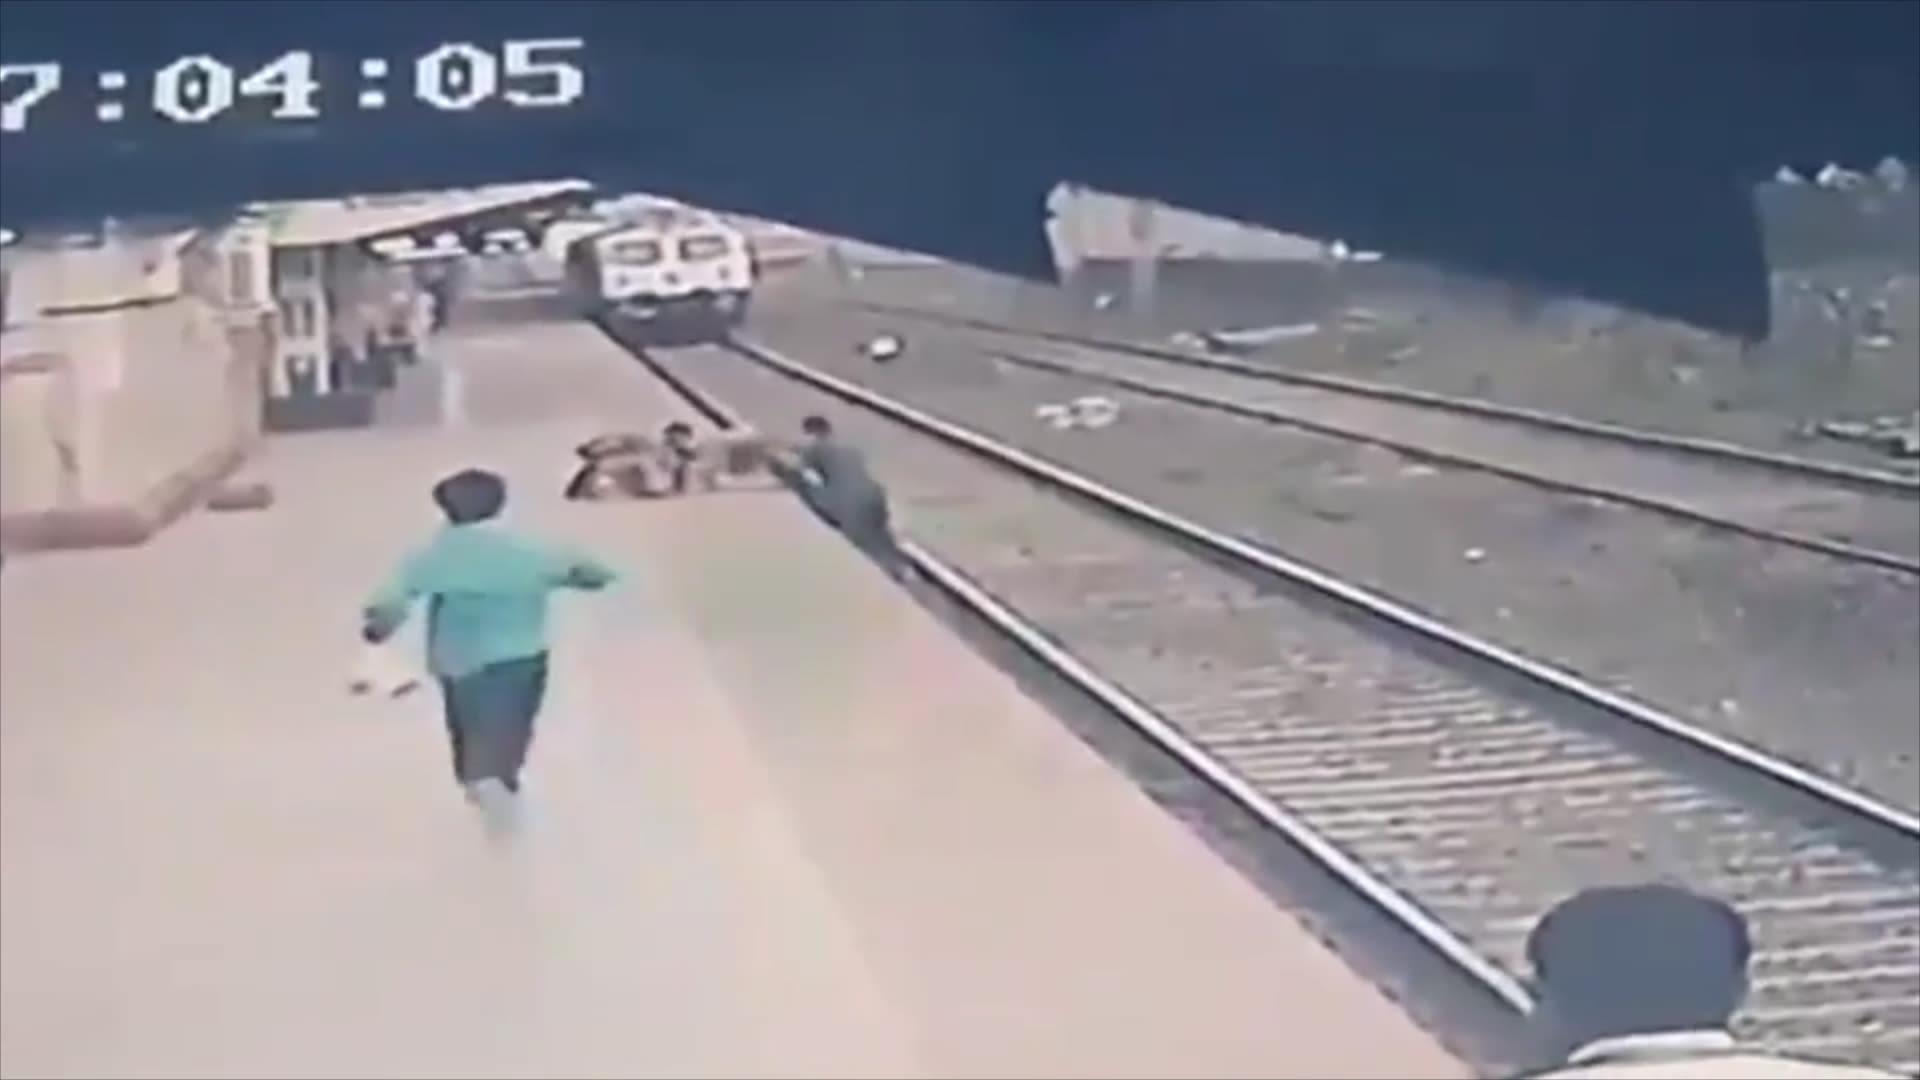 شاهد.. إنقاذ طفل من سكة قطار في اللحظة الأخيرة